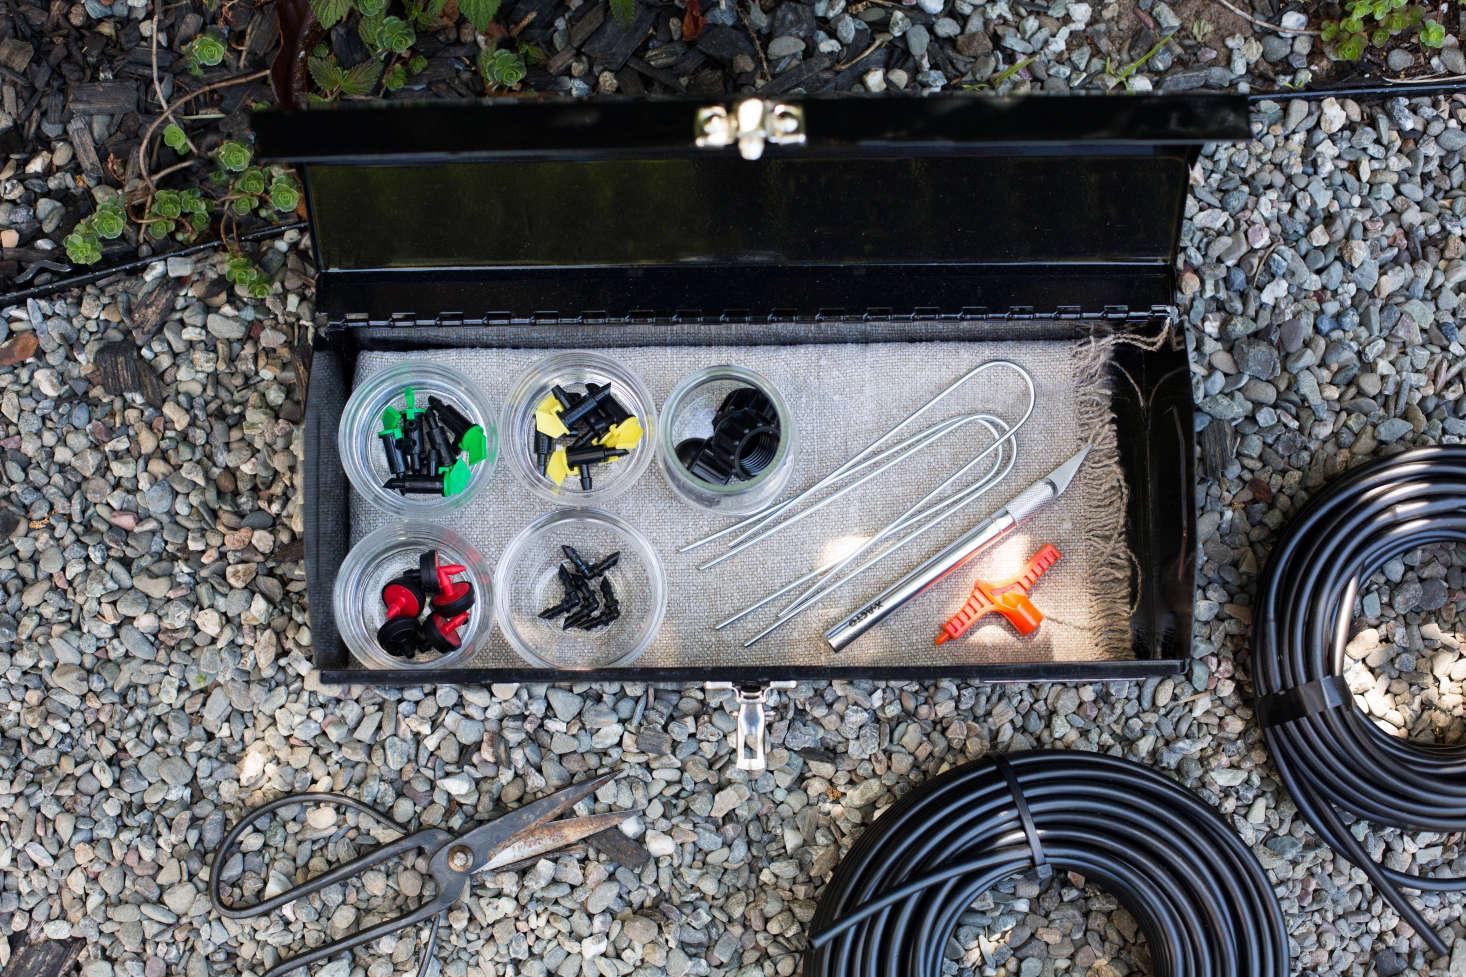 Drip Irrigation Emergency Repair Kit Essentials Gardenista